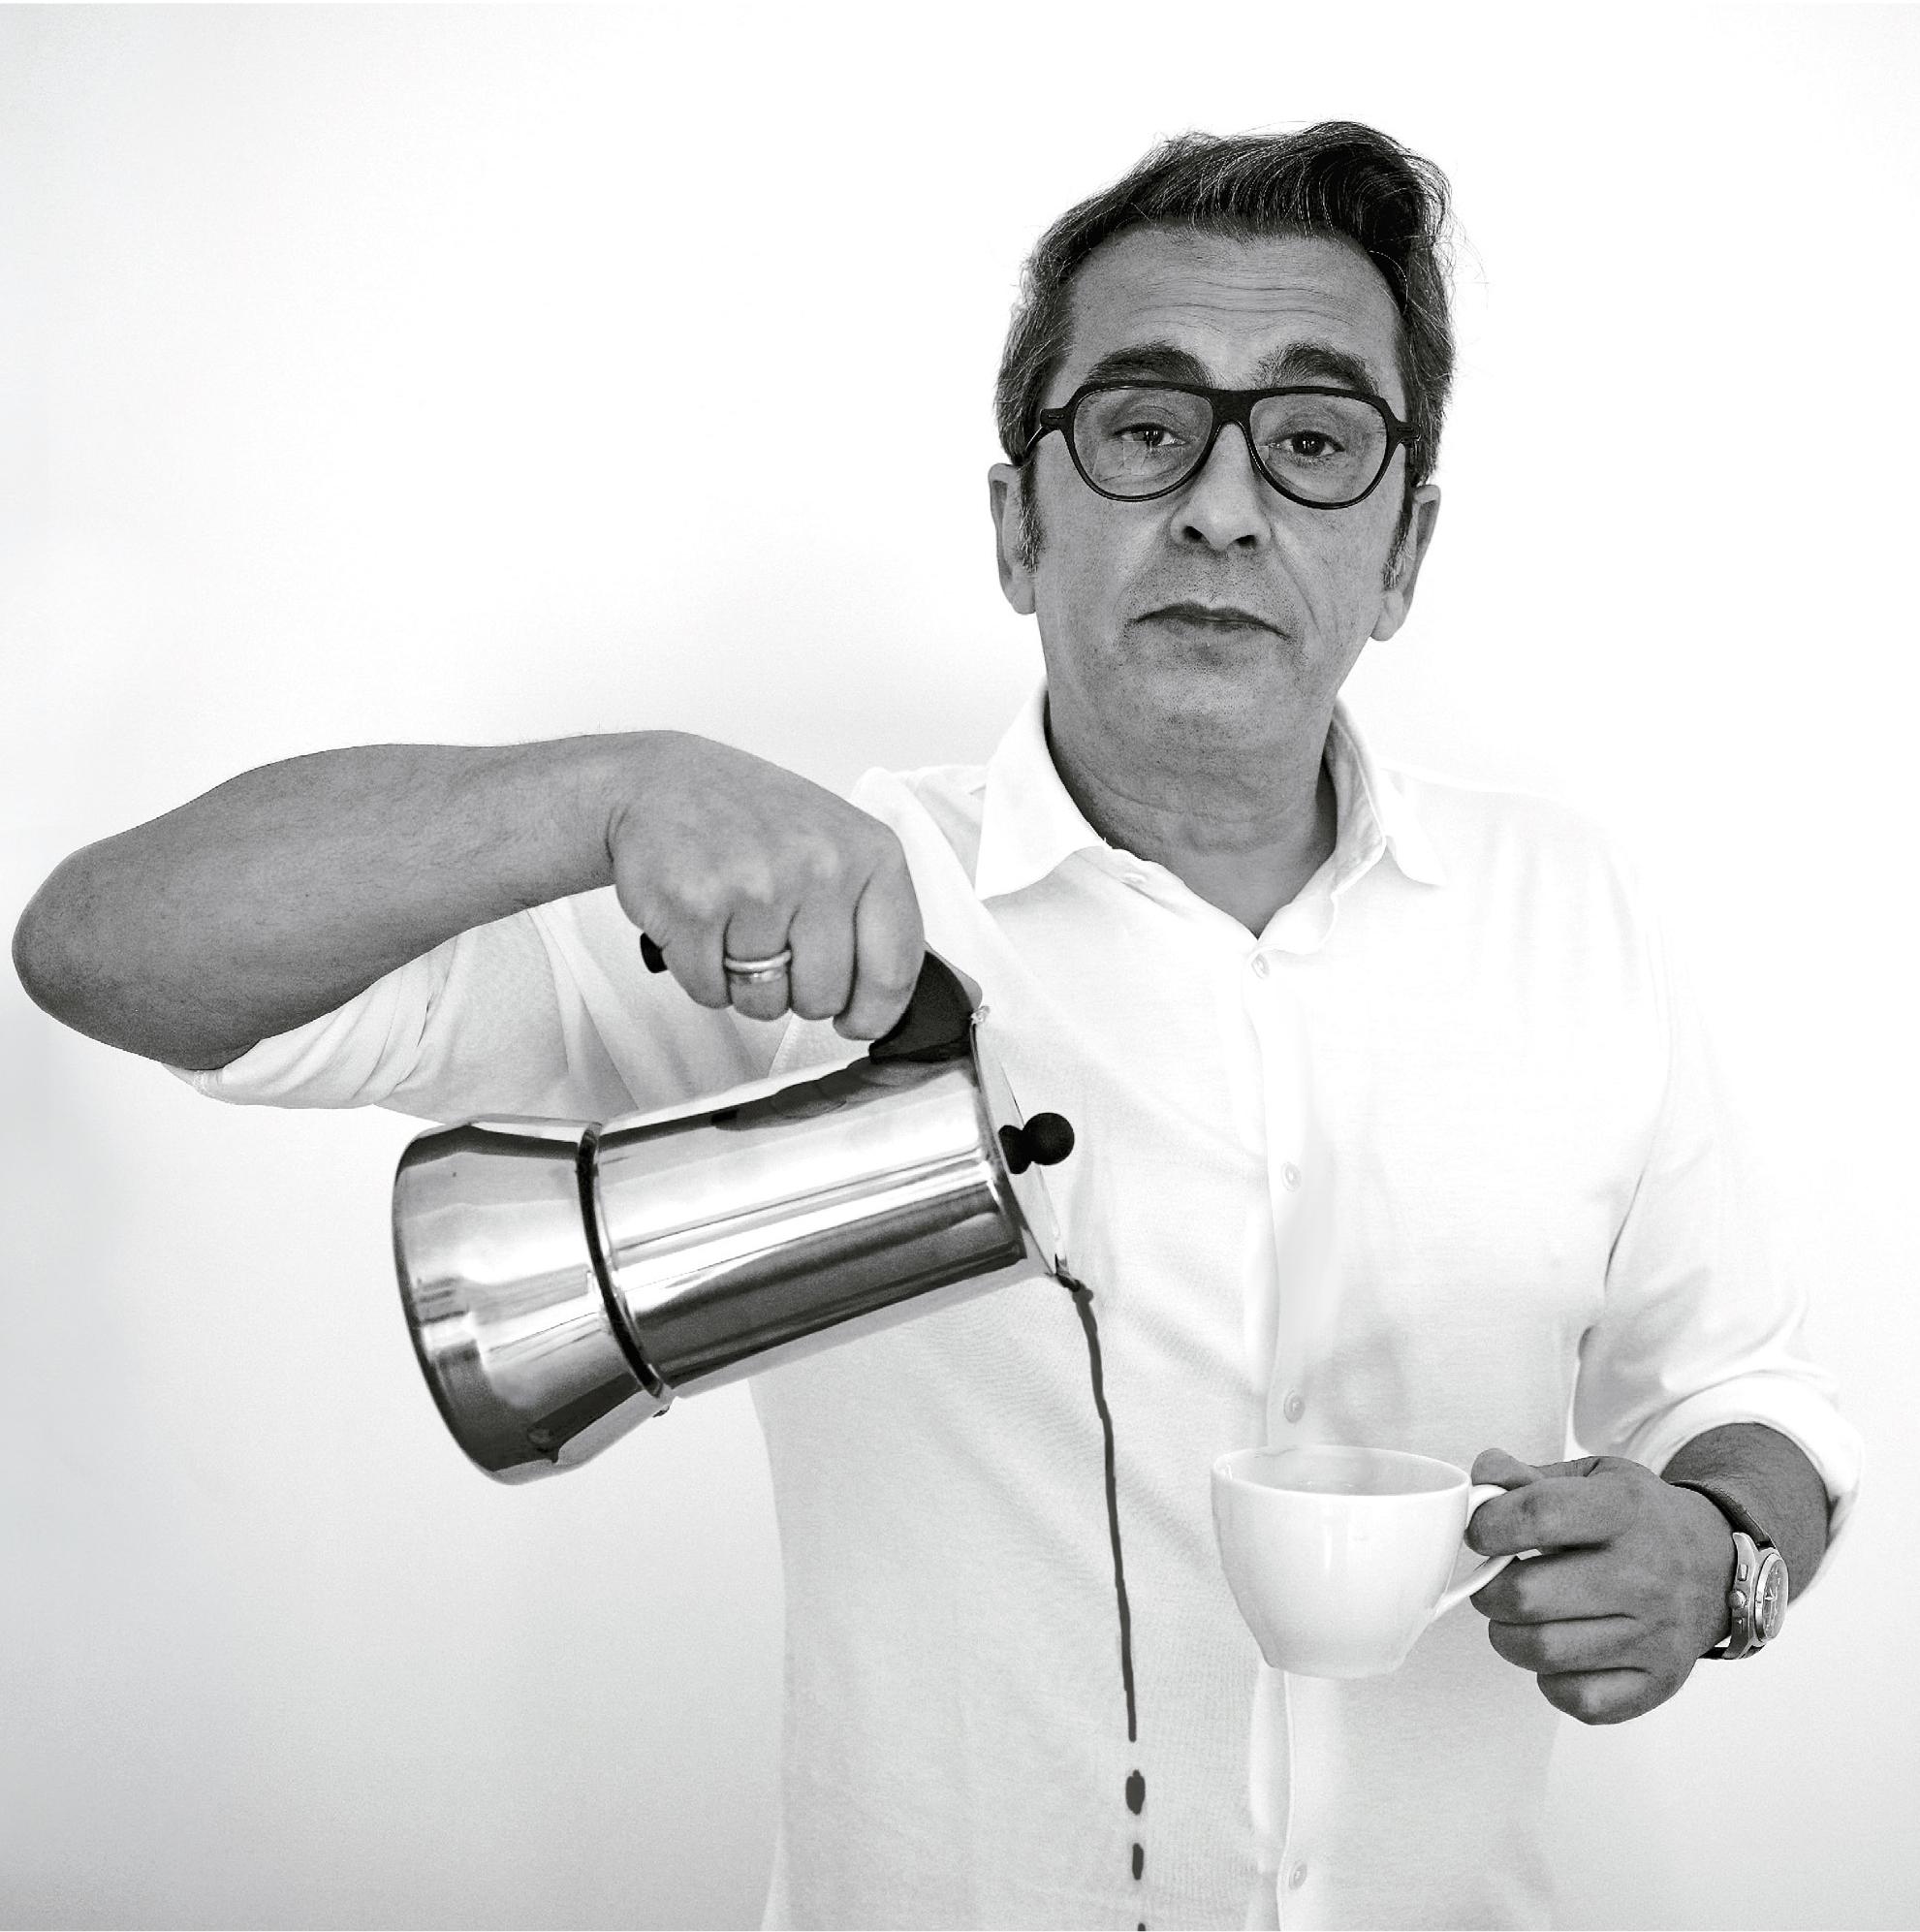 El presentador y cómico Andreu Buenafuente, portada de Tapas